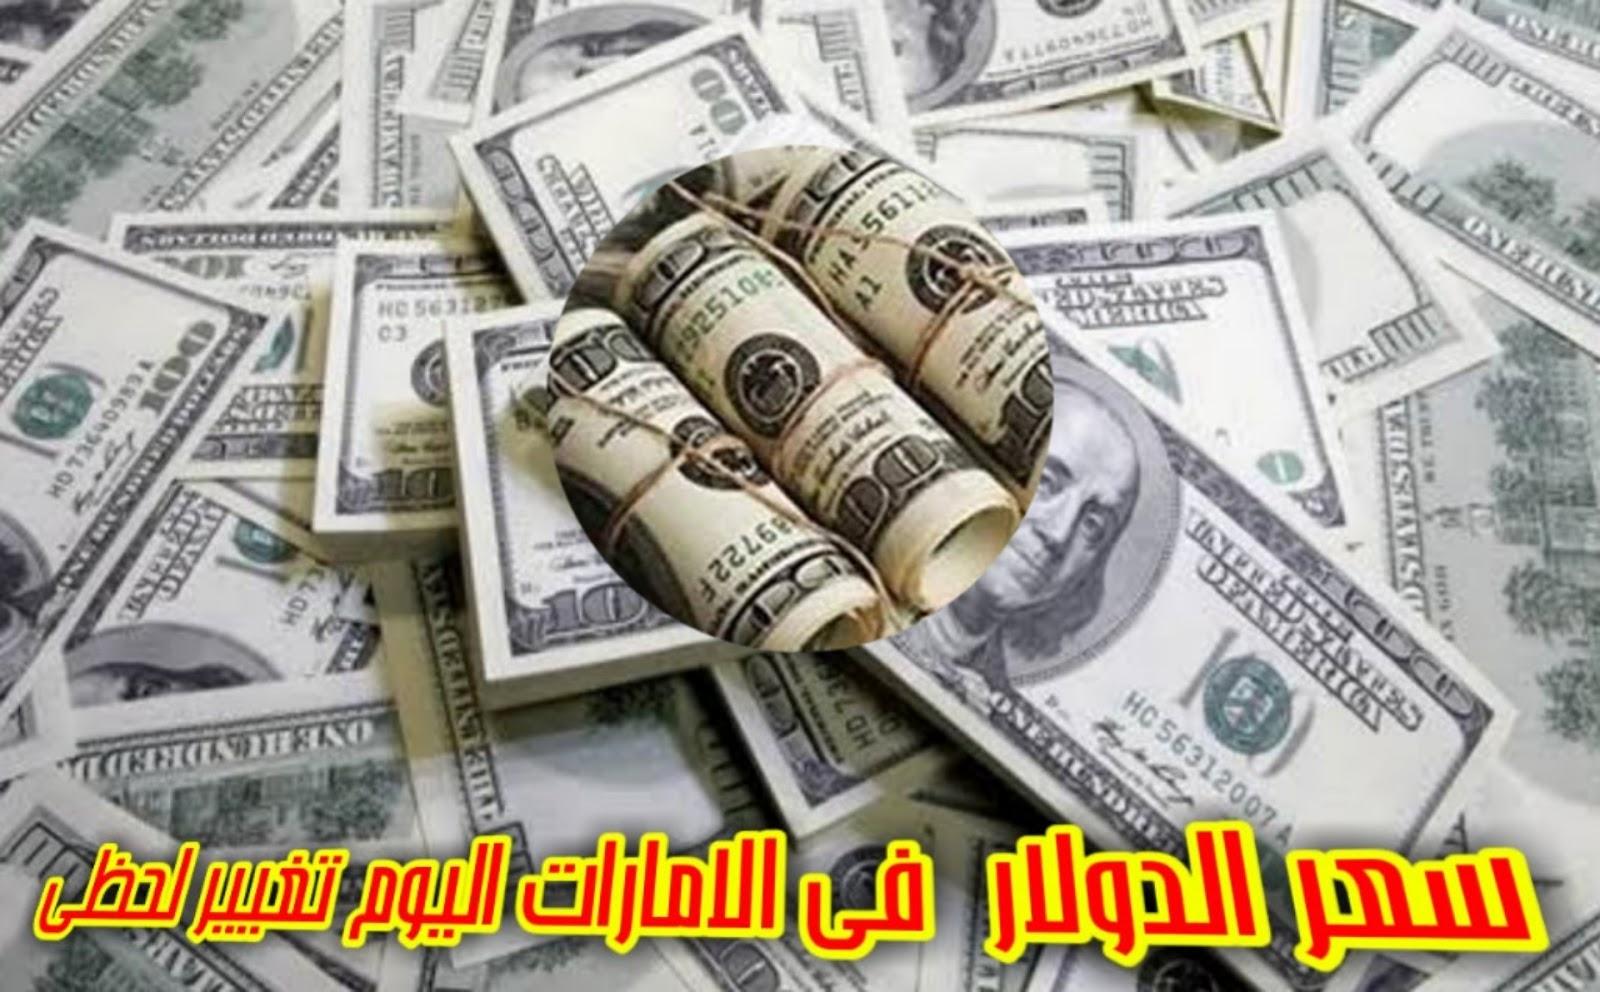 سعر الدولار اليوم فى الامارات تغيير لحظى اسعاركم هنا